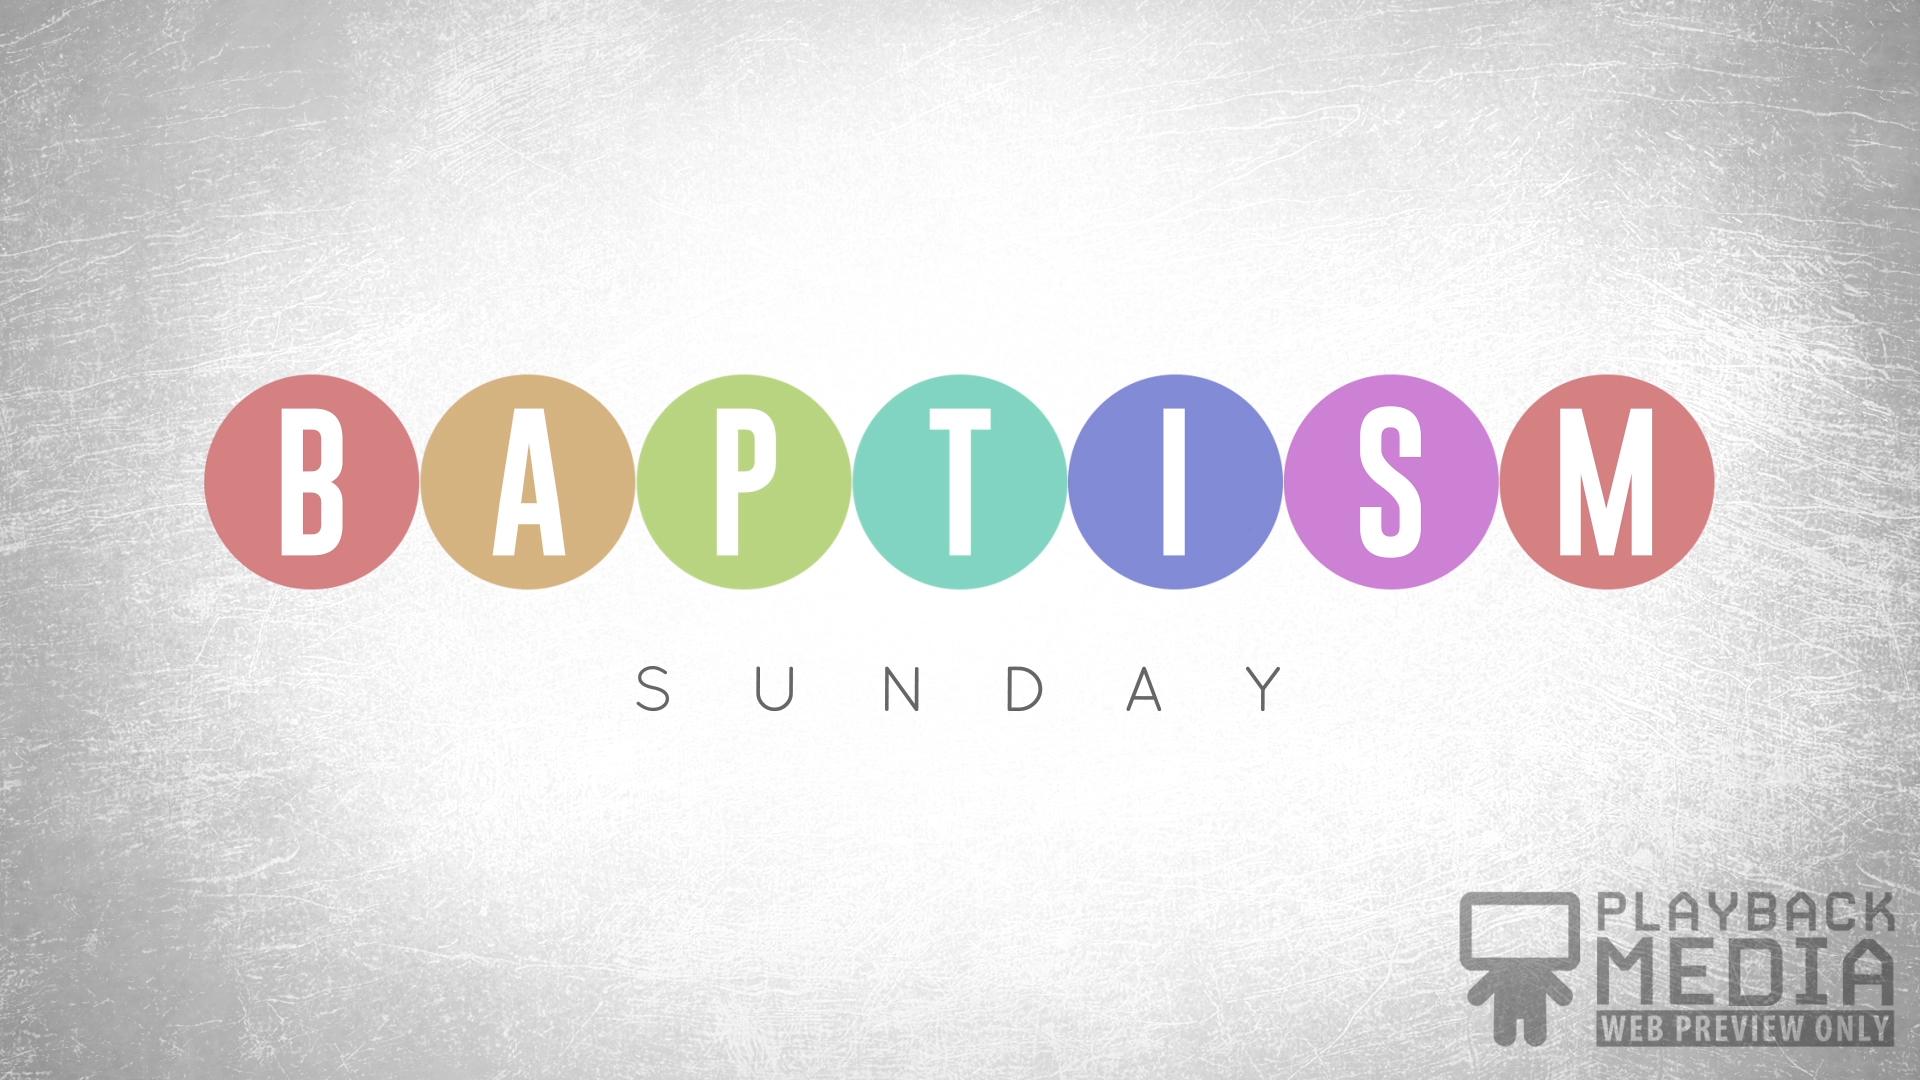 Event Planner Baptism Motion Image